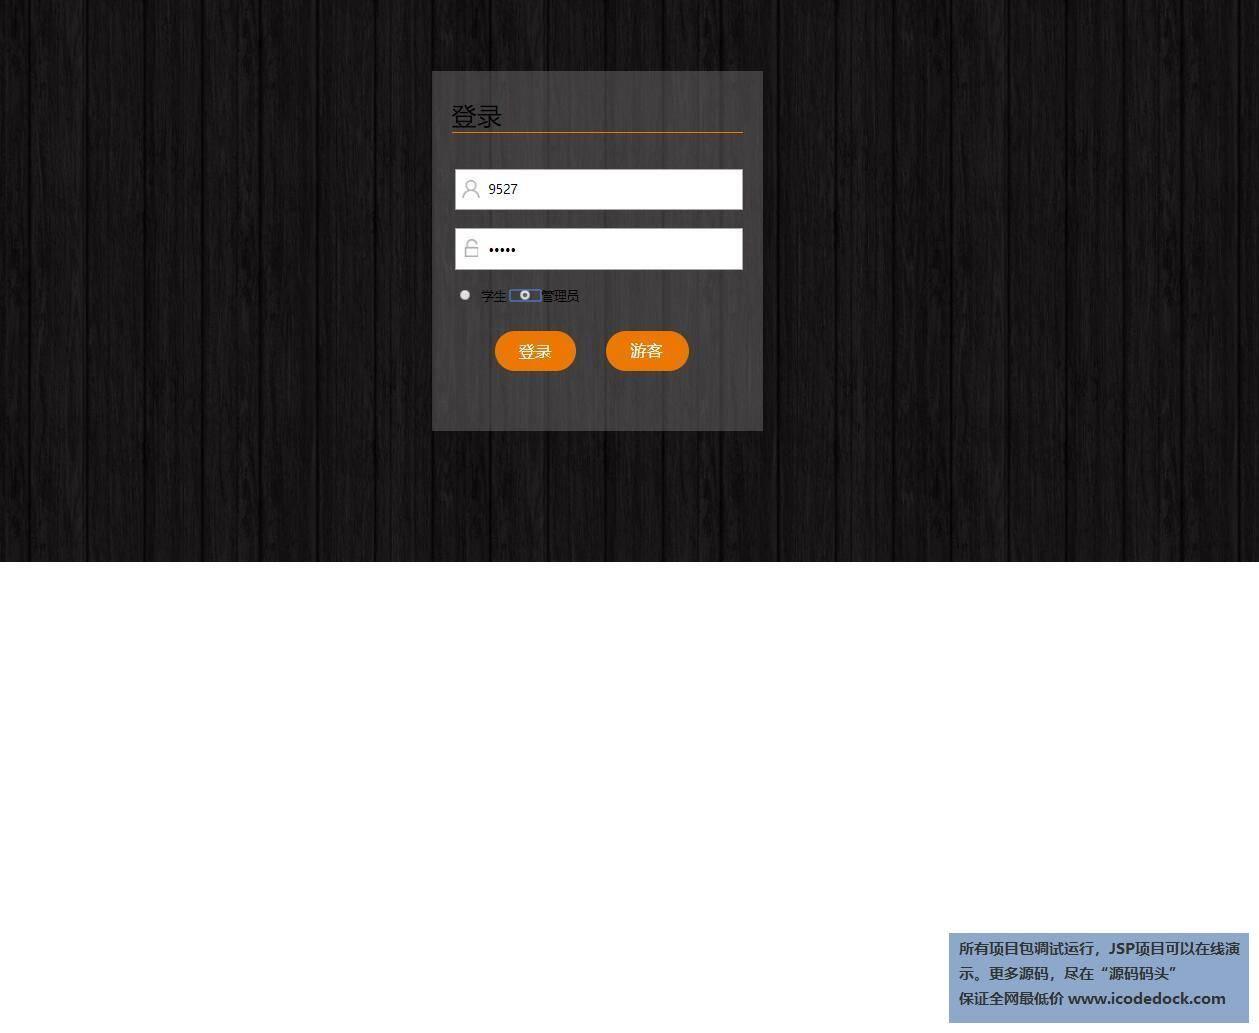 源码码头-JSP图书馆图书管理系统-管理员角色-管理员登录